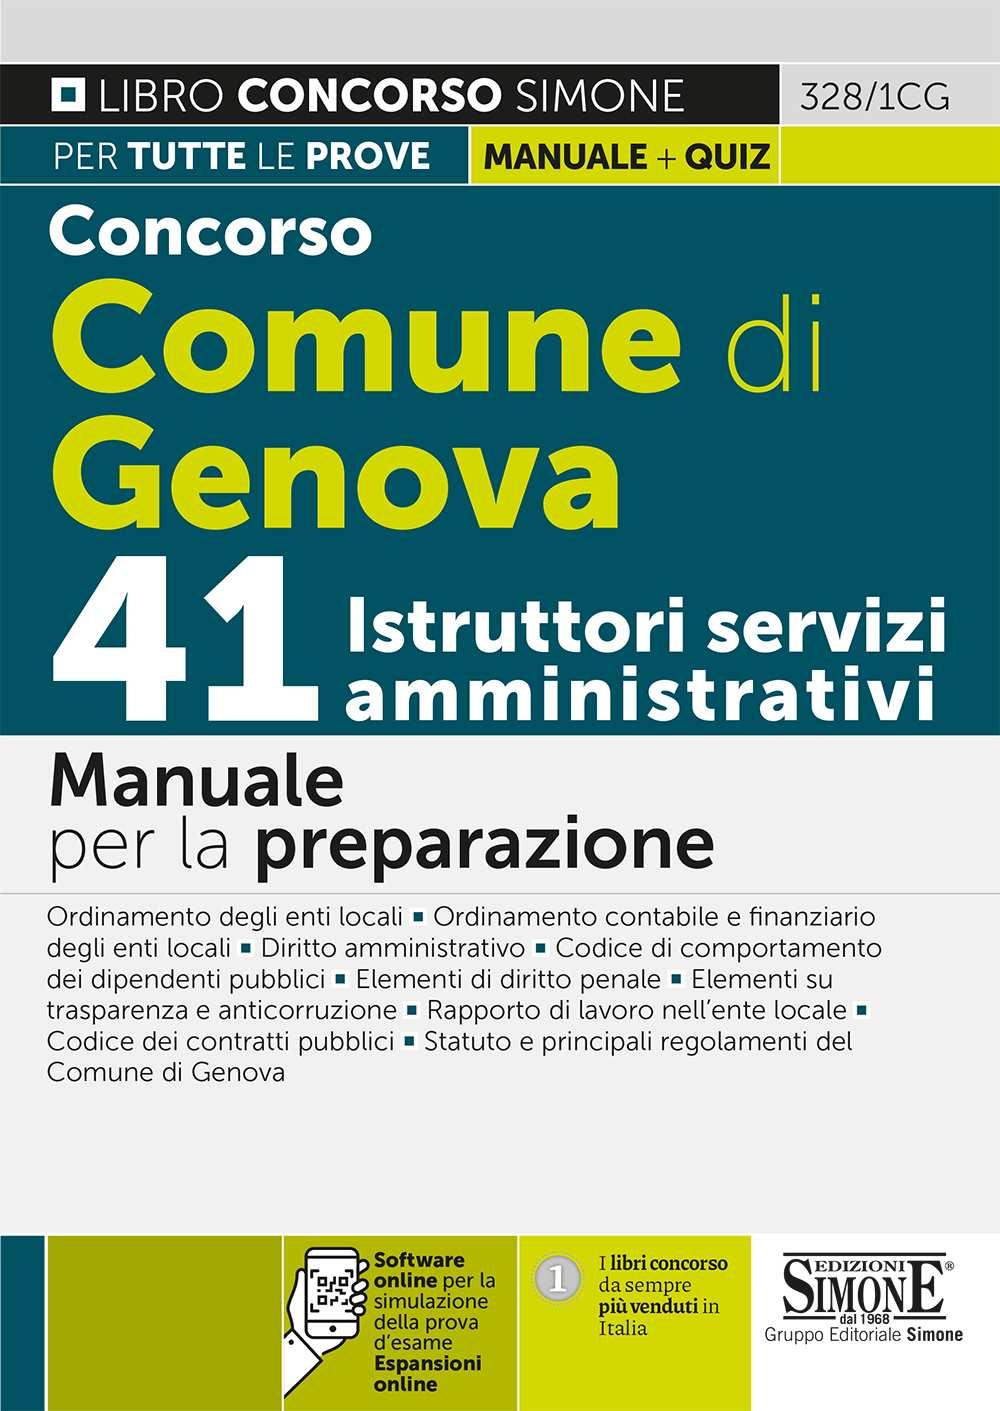 Concorso Comune di Genova 41 Istruttori servizi